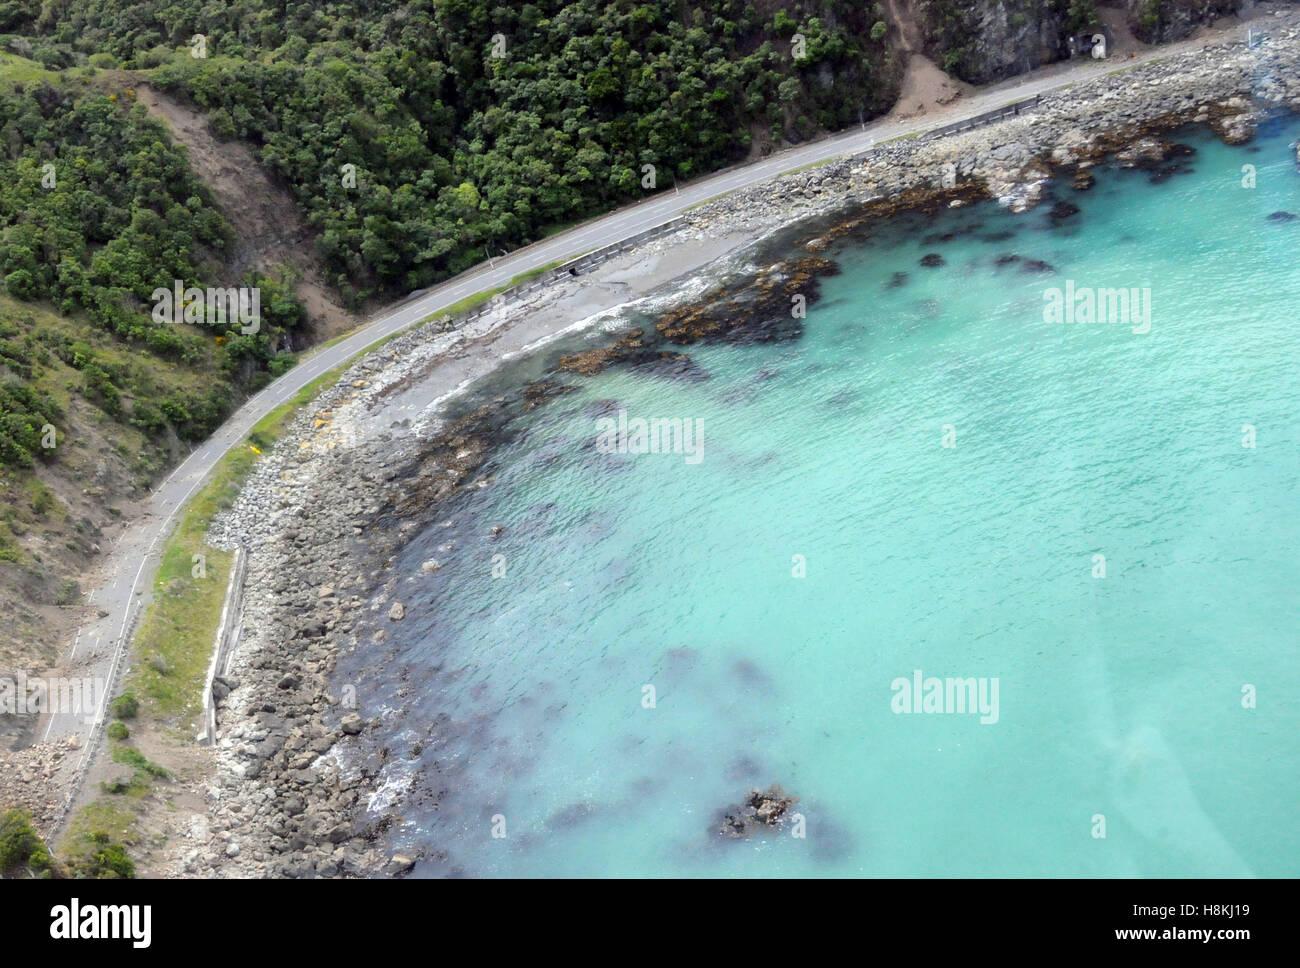 Kaikoura. 14. November 2016. Luftbild, aufgenommen am 14. November 2016 zeigt die beschädigten Autobahn in Stockbild